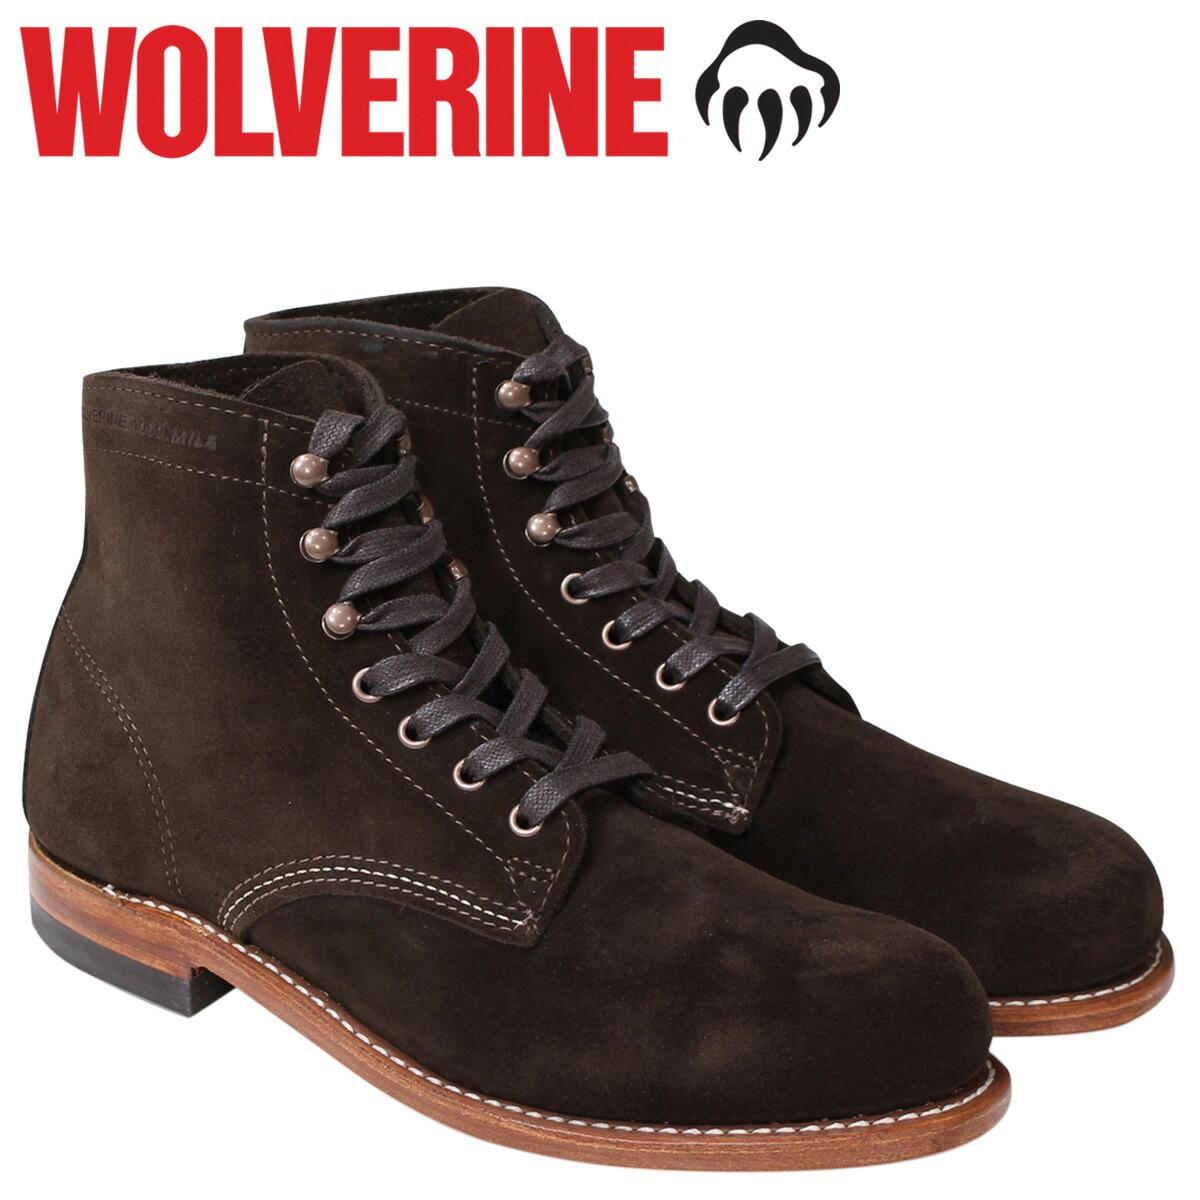 85c0be2796d WOLVERINE ウルヴァリン  1883年創業のアメリカはオハイオ州のアウトドアシューズ、ワークシューズの老舗ブランド。今の社名になったのは1912年です。1908年に誕生した ...